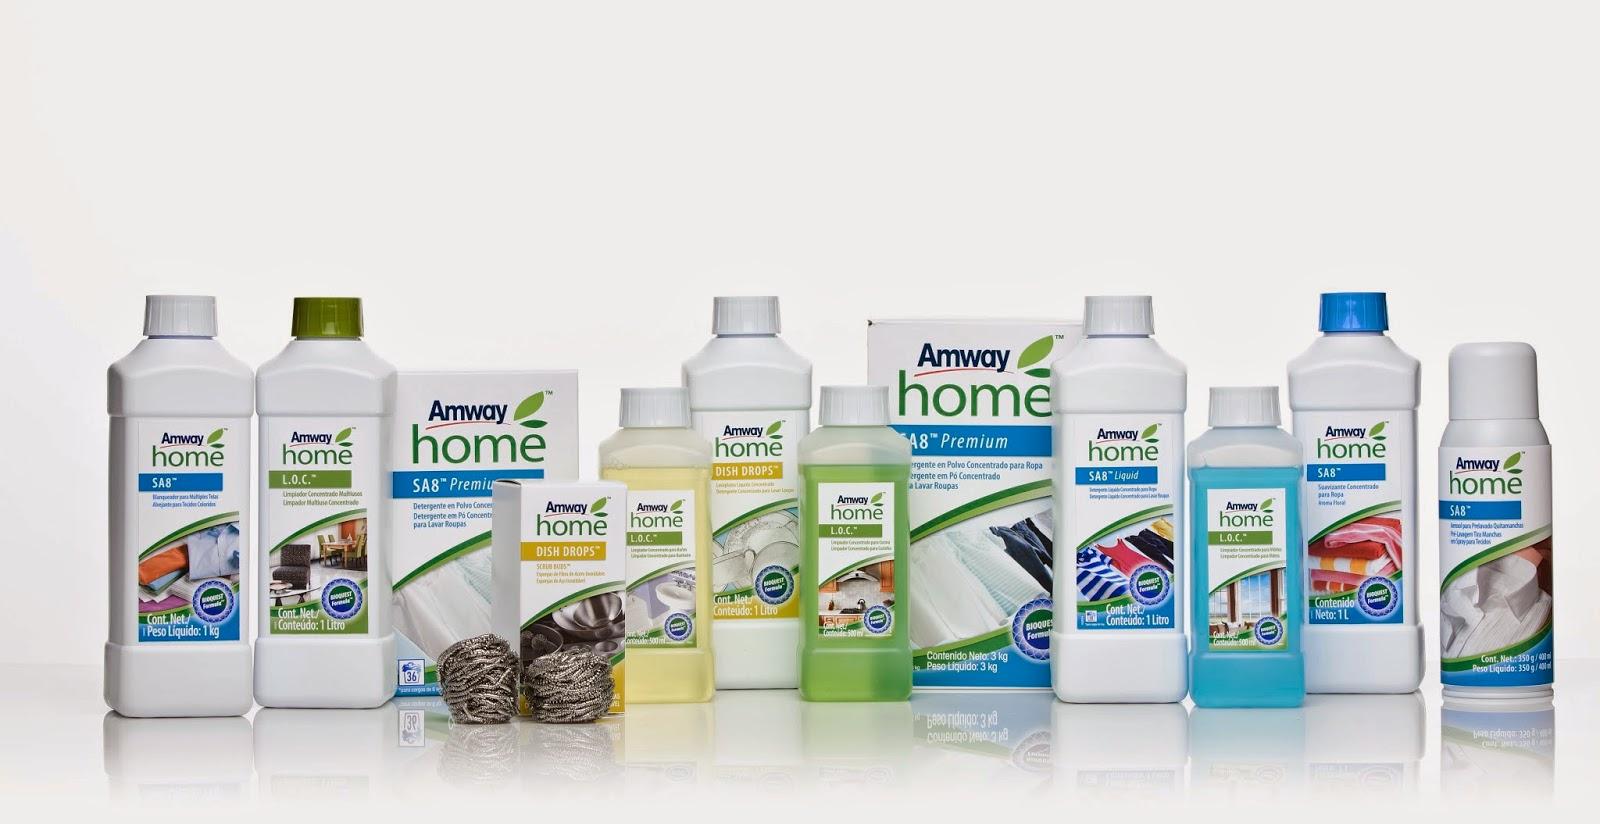 Image gallery productos amway - Productos de la india ...